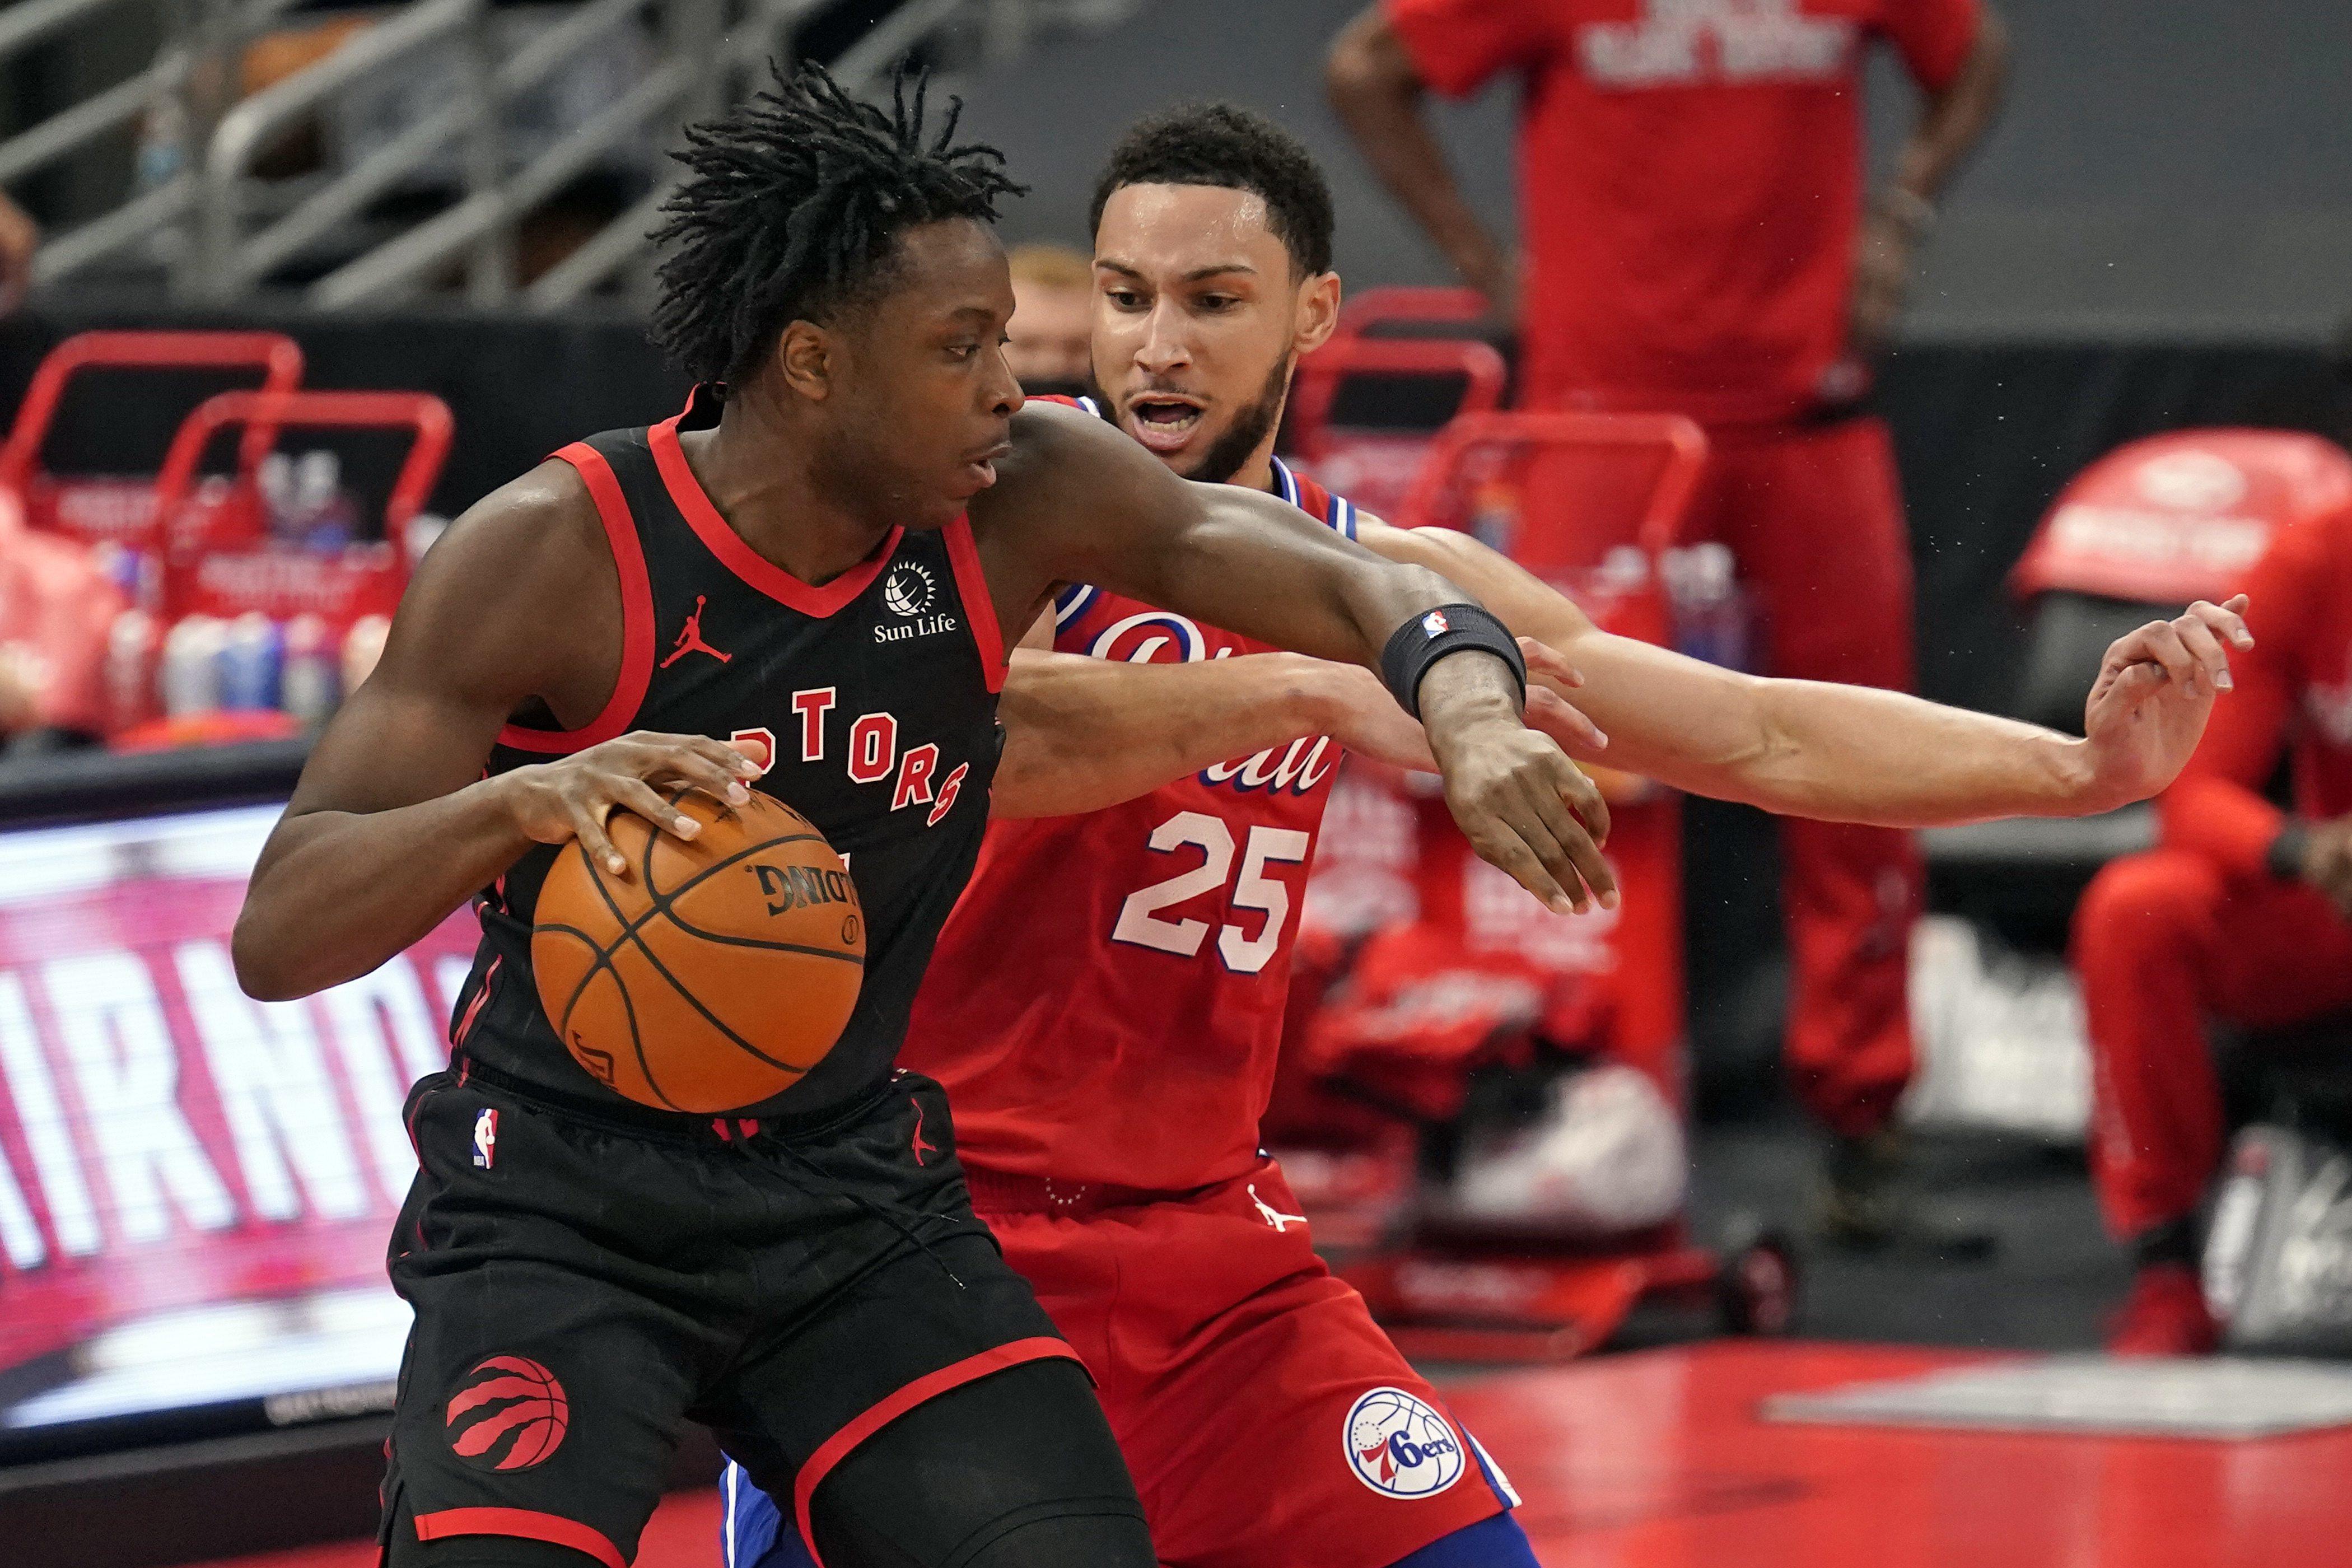 Αποτέλεσμα εικόνας για Toronto Raptors - Philadelphia 76ers 110-103